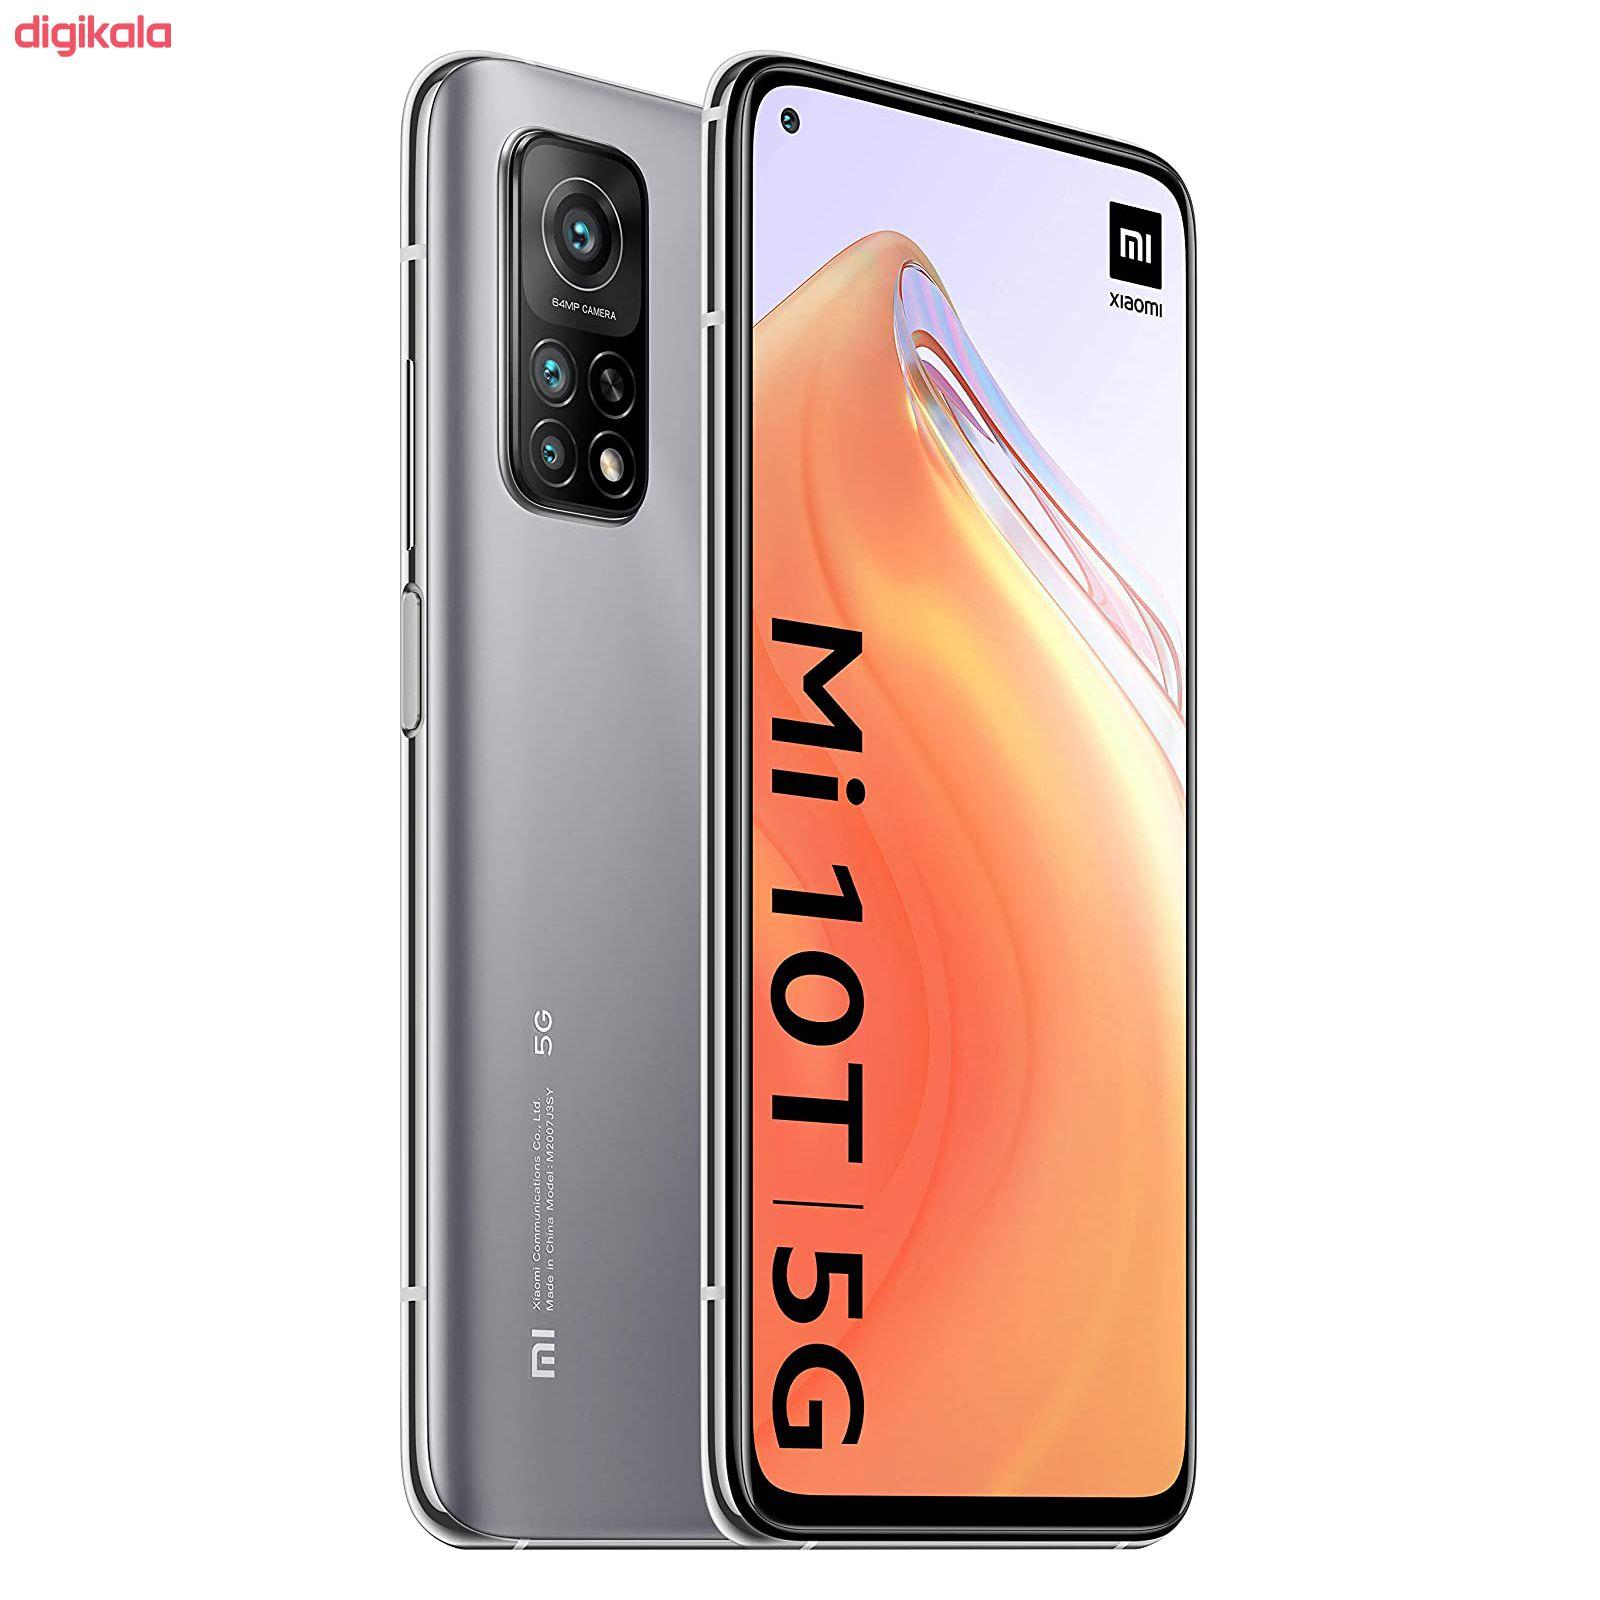 گوشی موبایل شیائومی مدل Mi 10T 5G M2007J3SY دو سیم کارت ظرفیت 128 گیگابایت و رم 8 گیگابایت